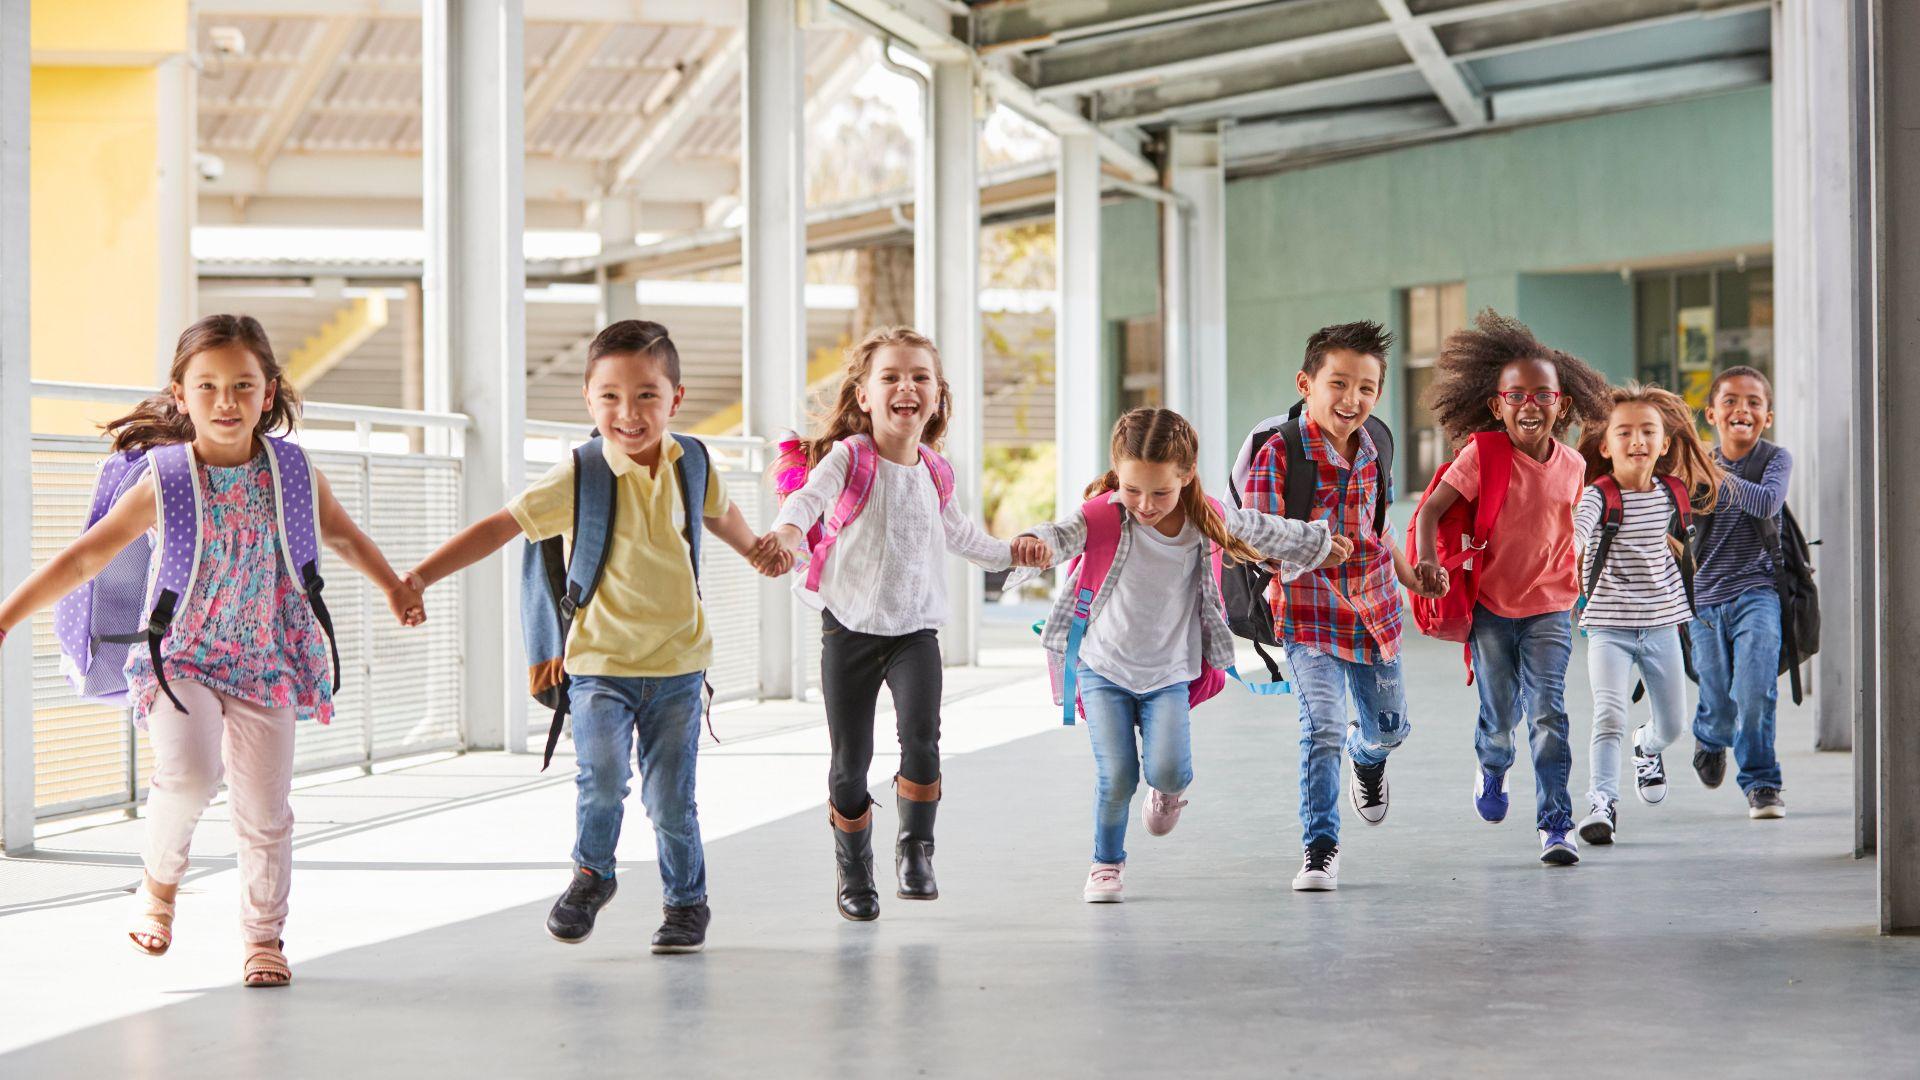 When do children learn speech sounds?